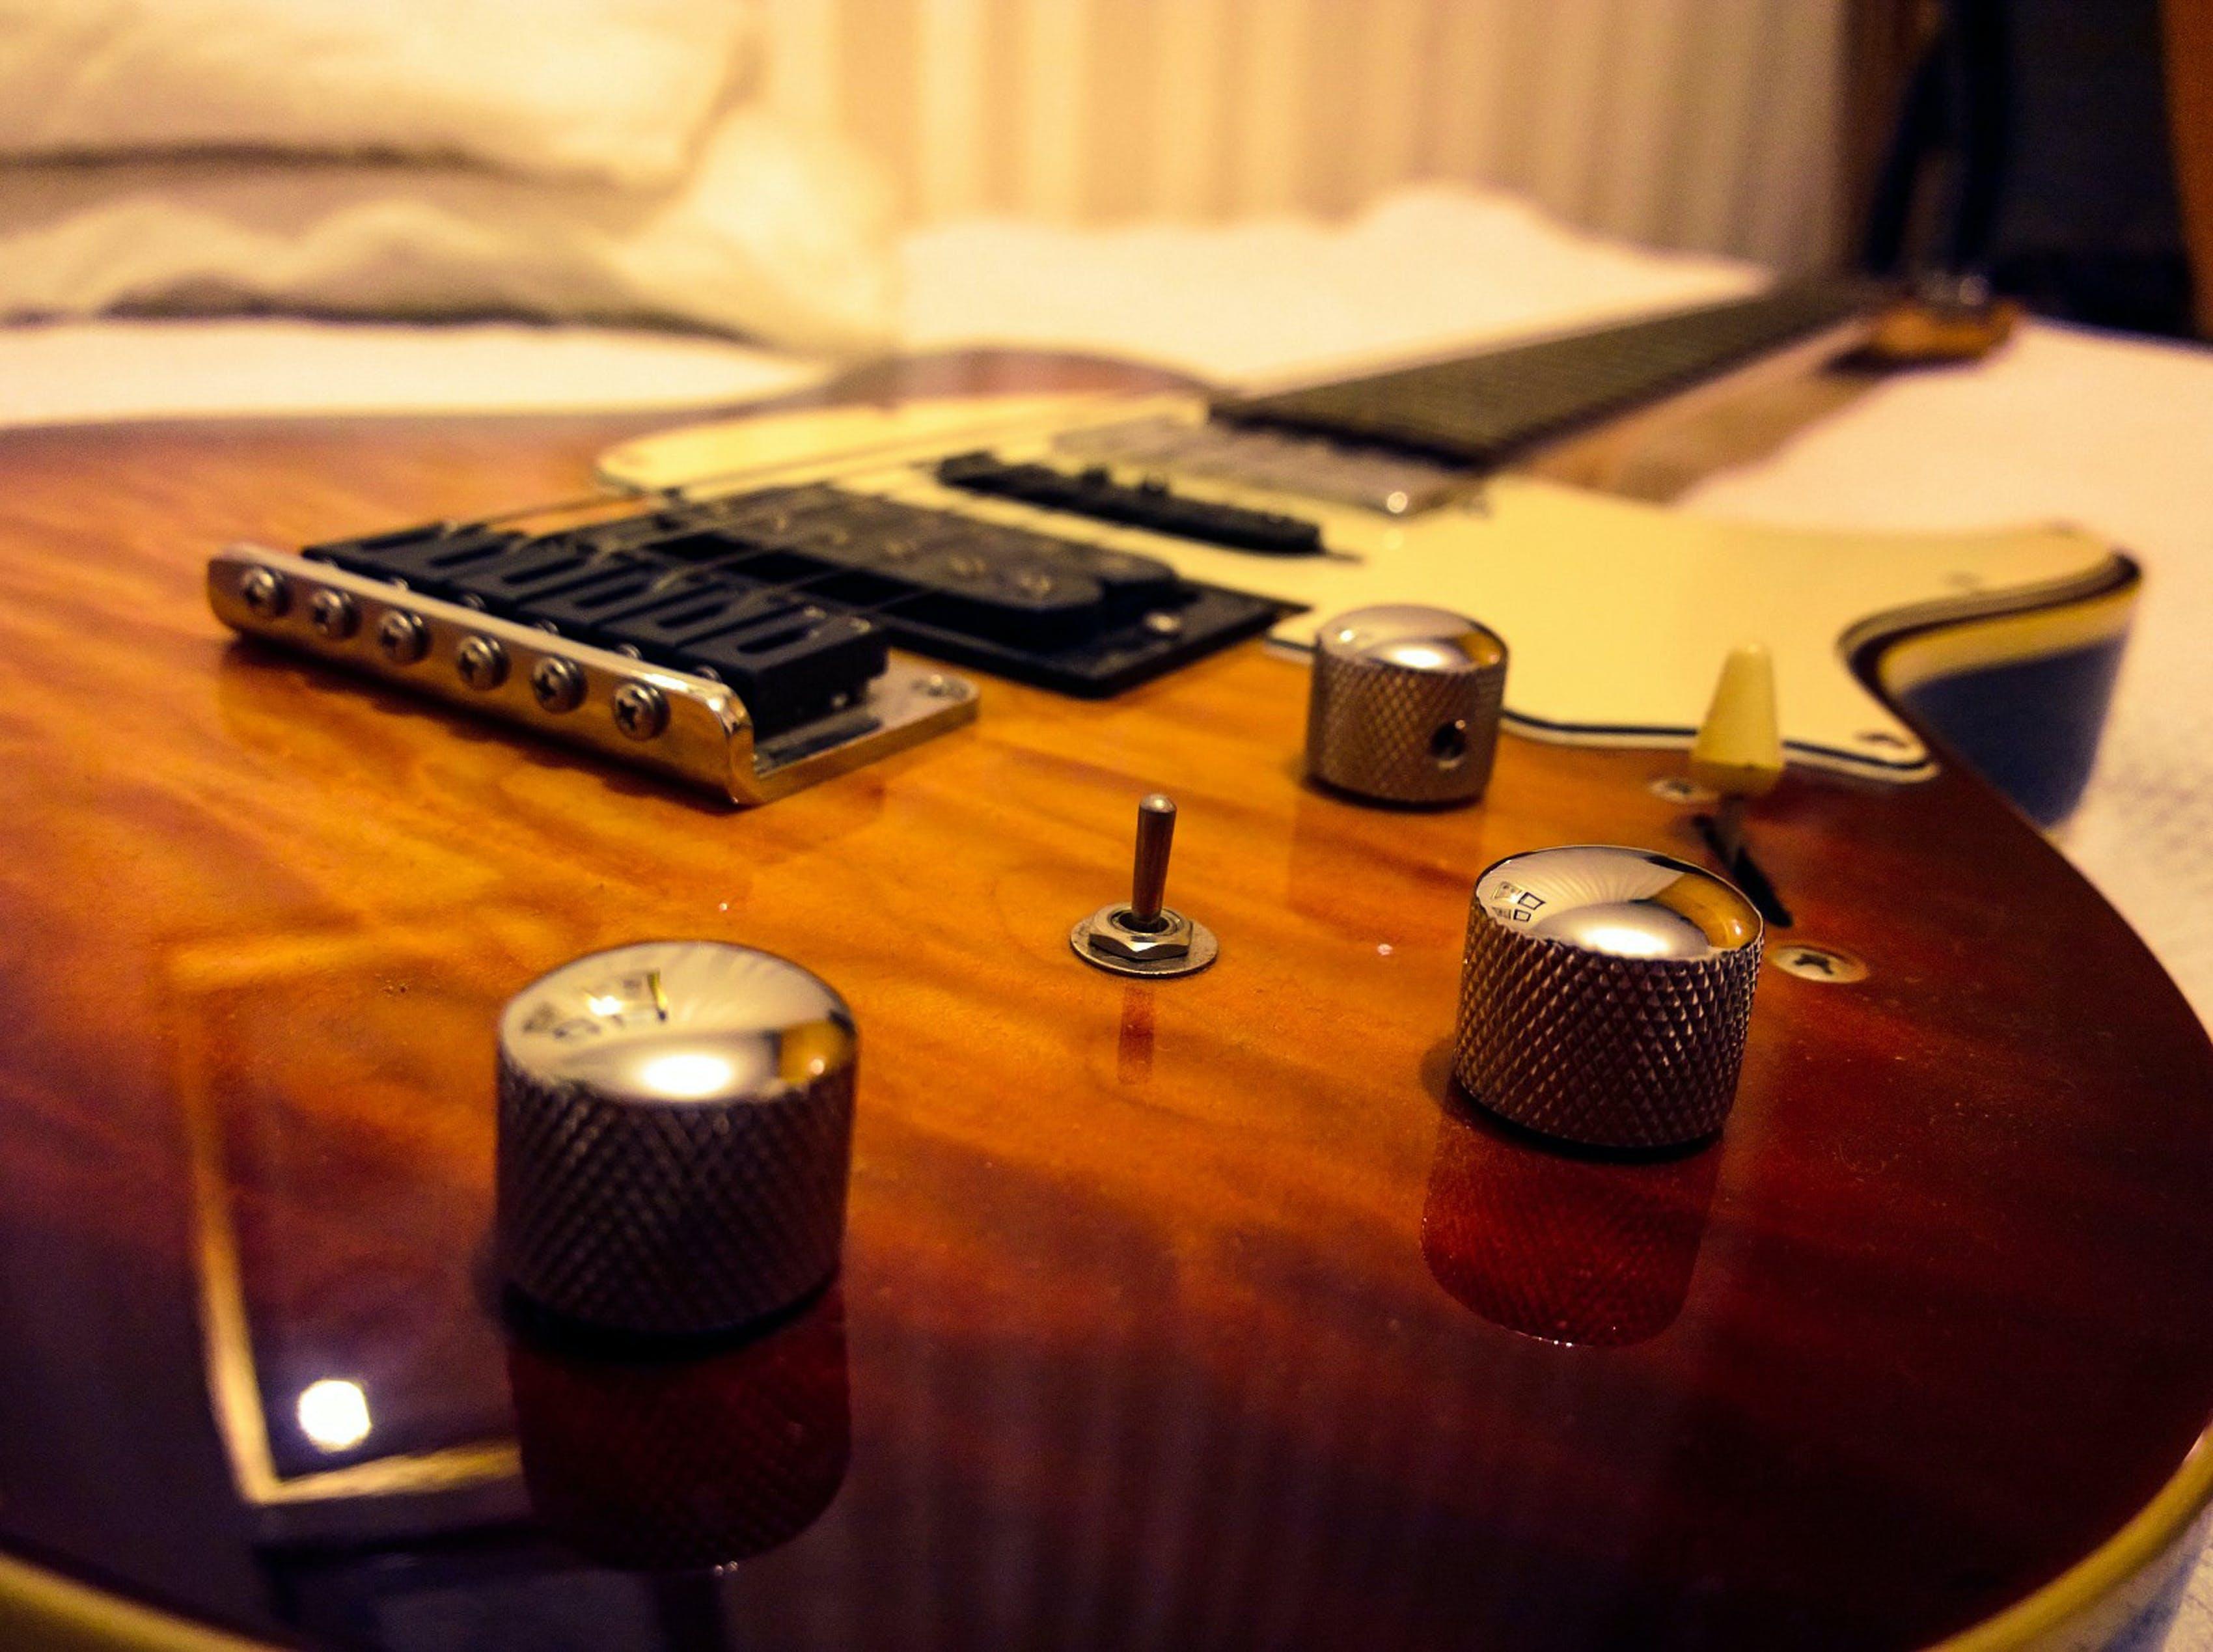 Δωρεάν στοκ φωτογραφιών με ηλεκτρικός, ήχος, κιθάρα, μουσική